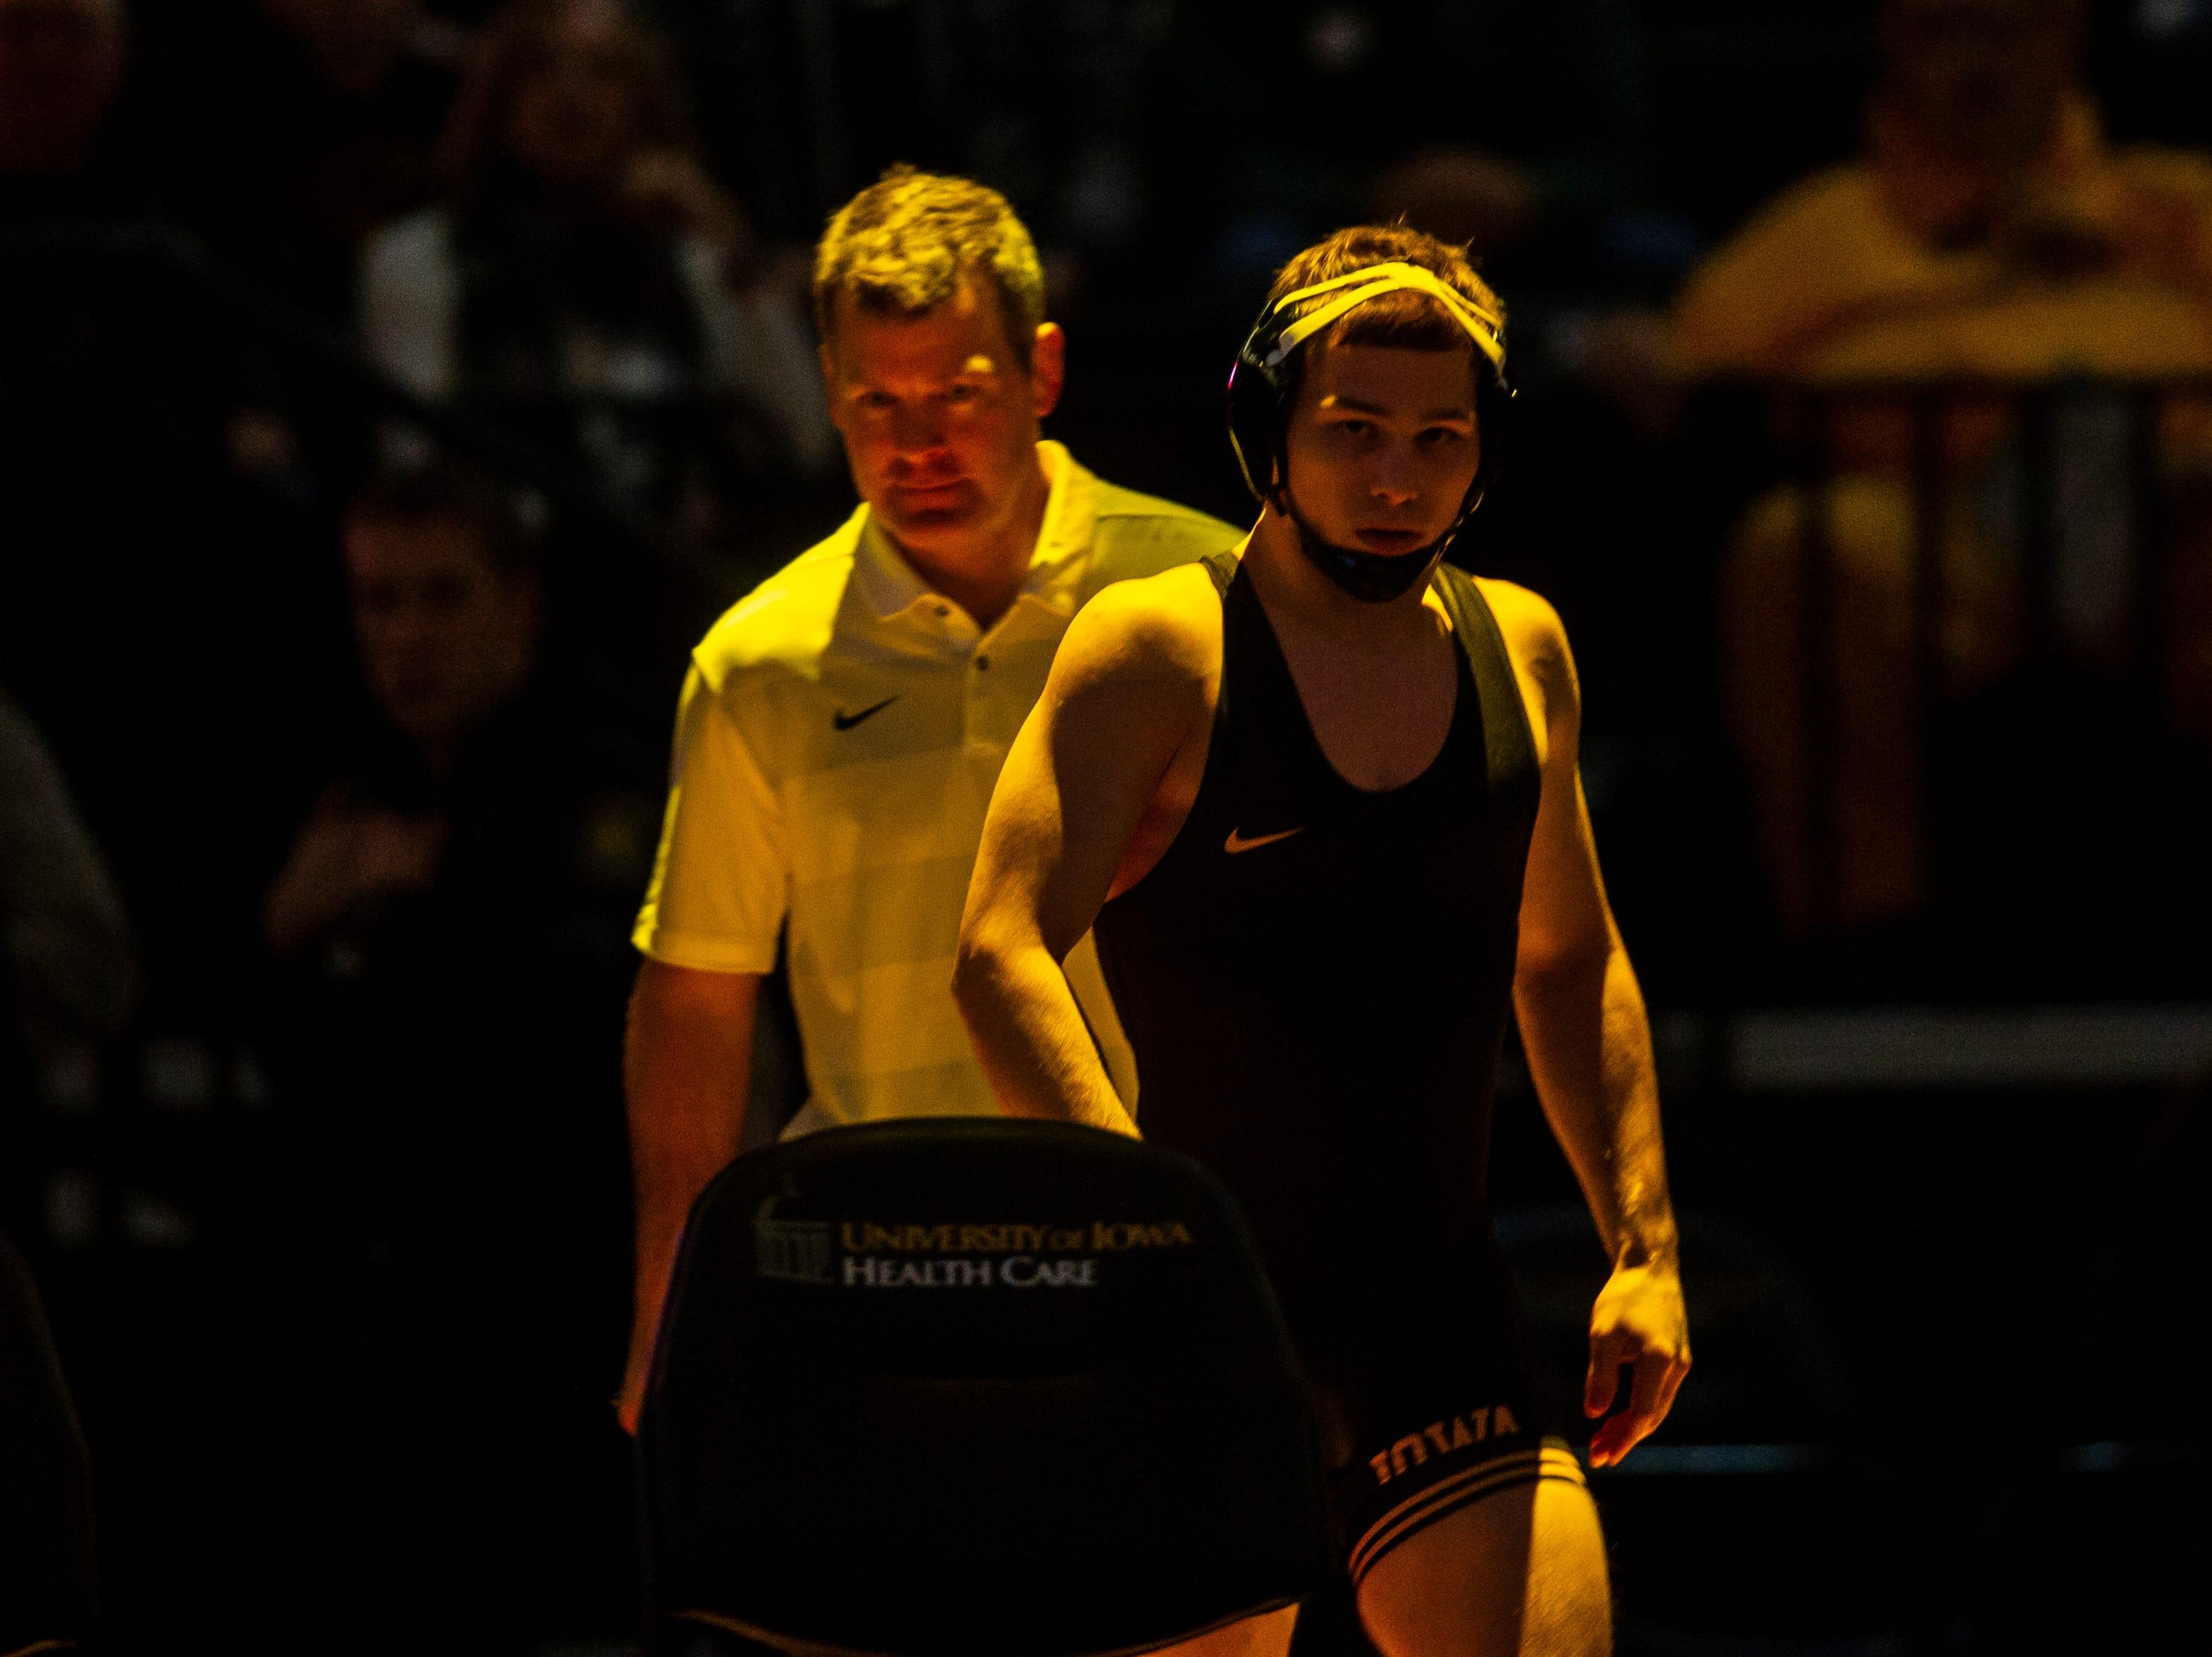 Photos: Iowa Hawkeyes wrestling vs. Lehigh Mountain Hawks